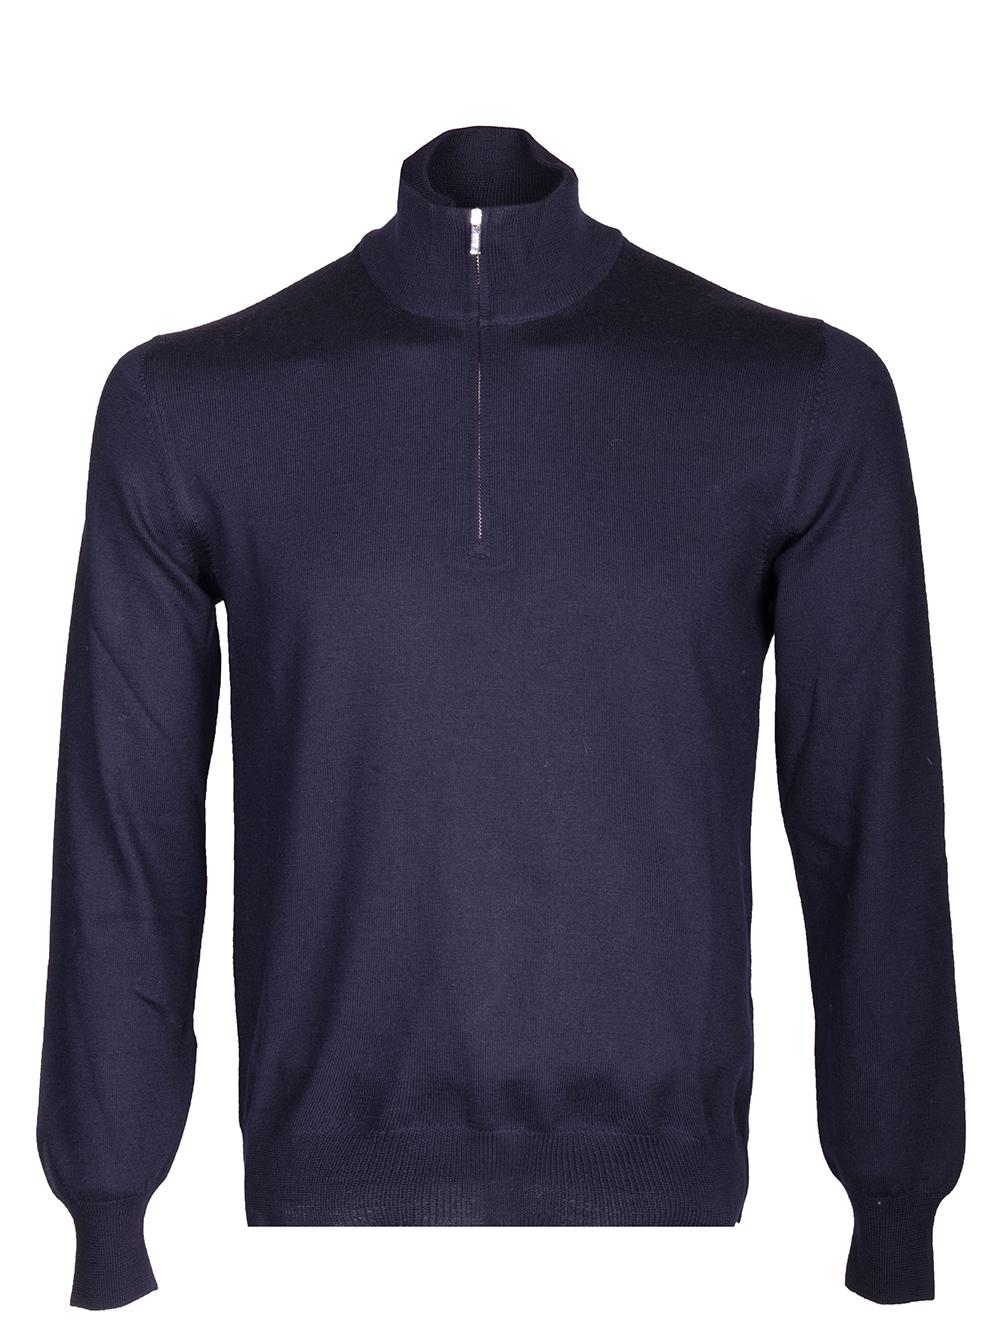 BOGGI Μπλούζα zip-neck BO19A046401-005 ΜΠΛΕ